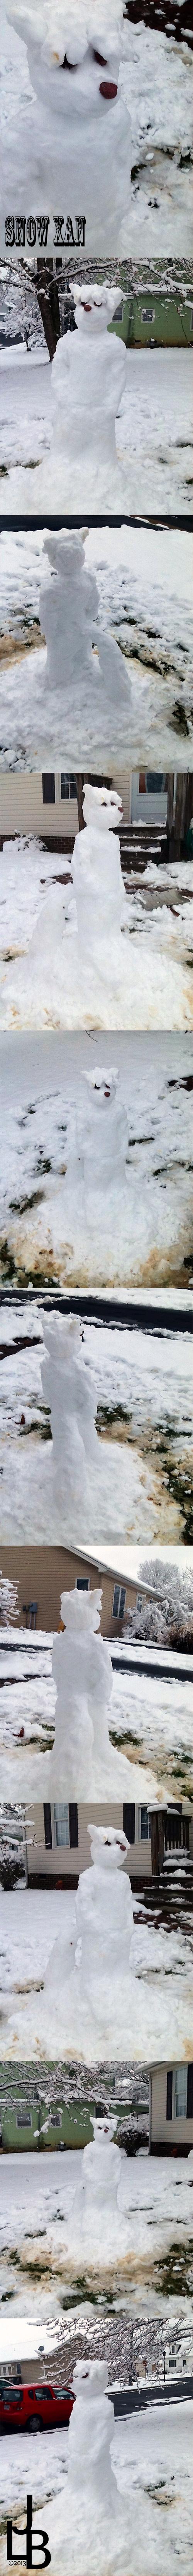 Snow Xan by JLindseyB